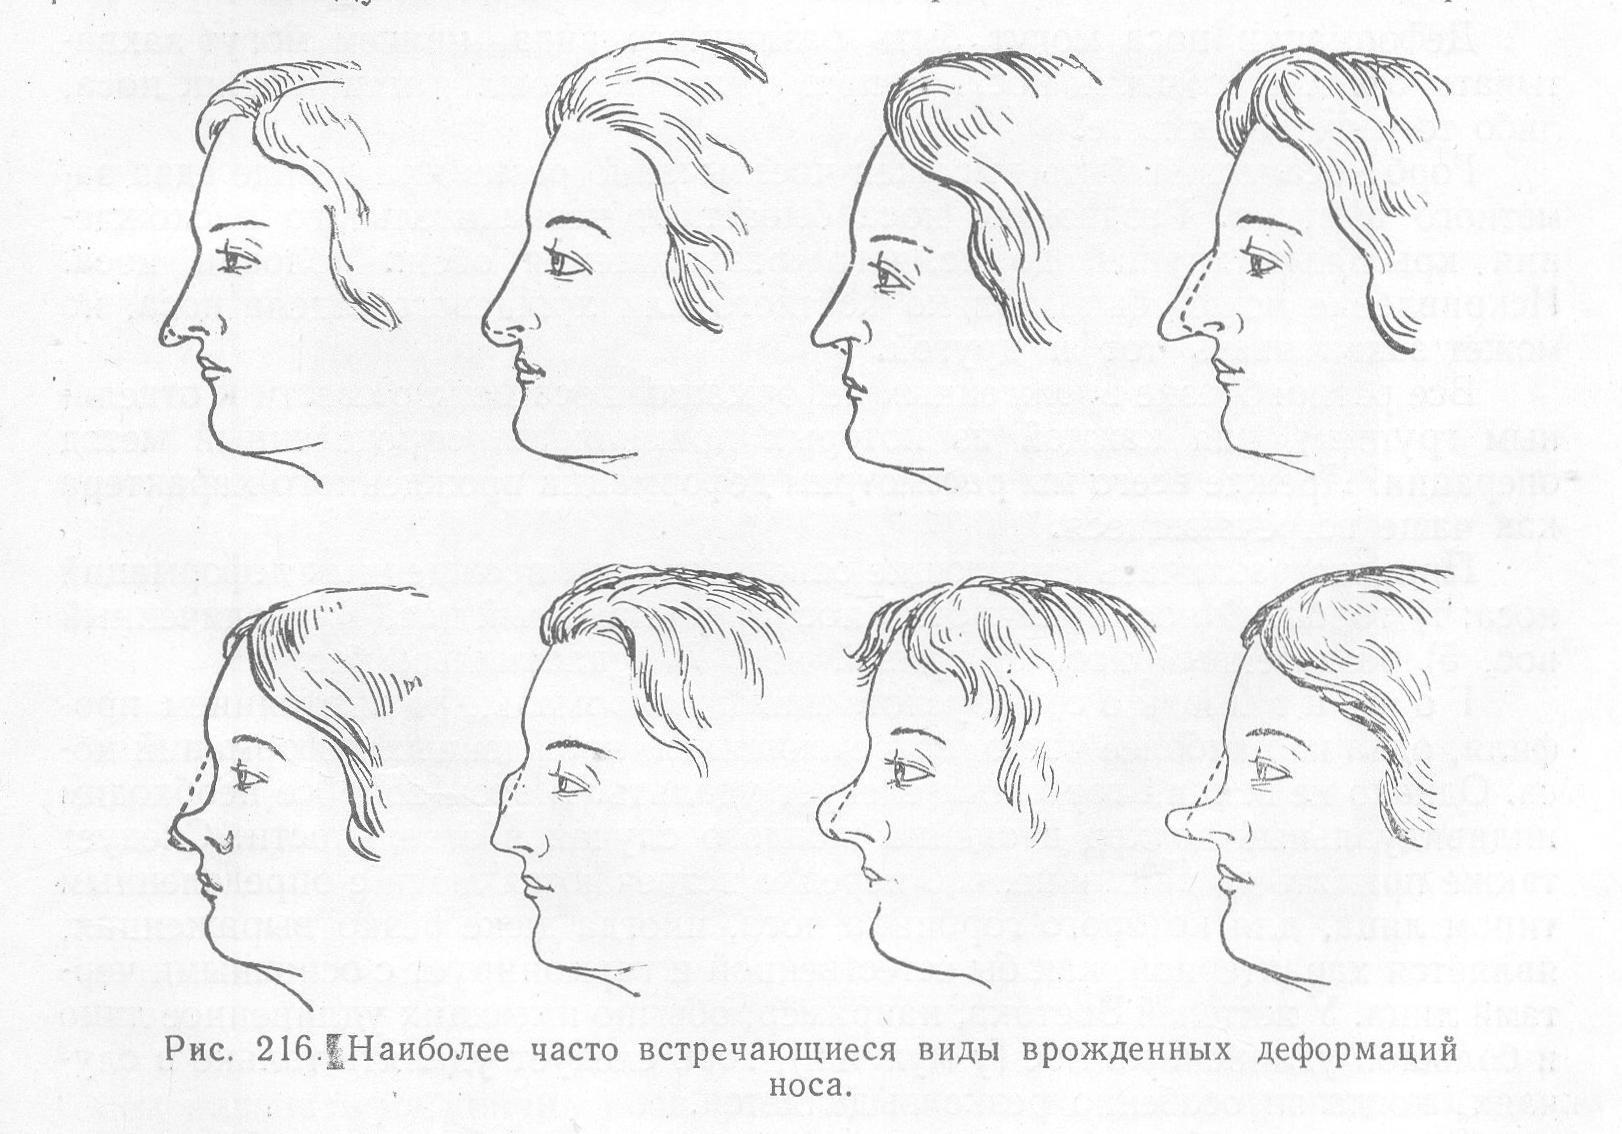 Виды врожденных дефектов и деформаций носа – лечение аномалий носа